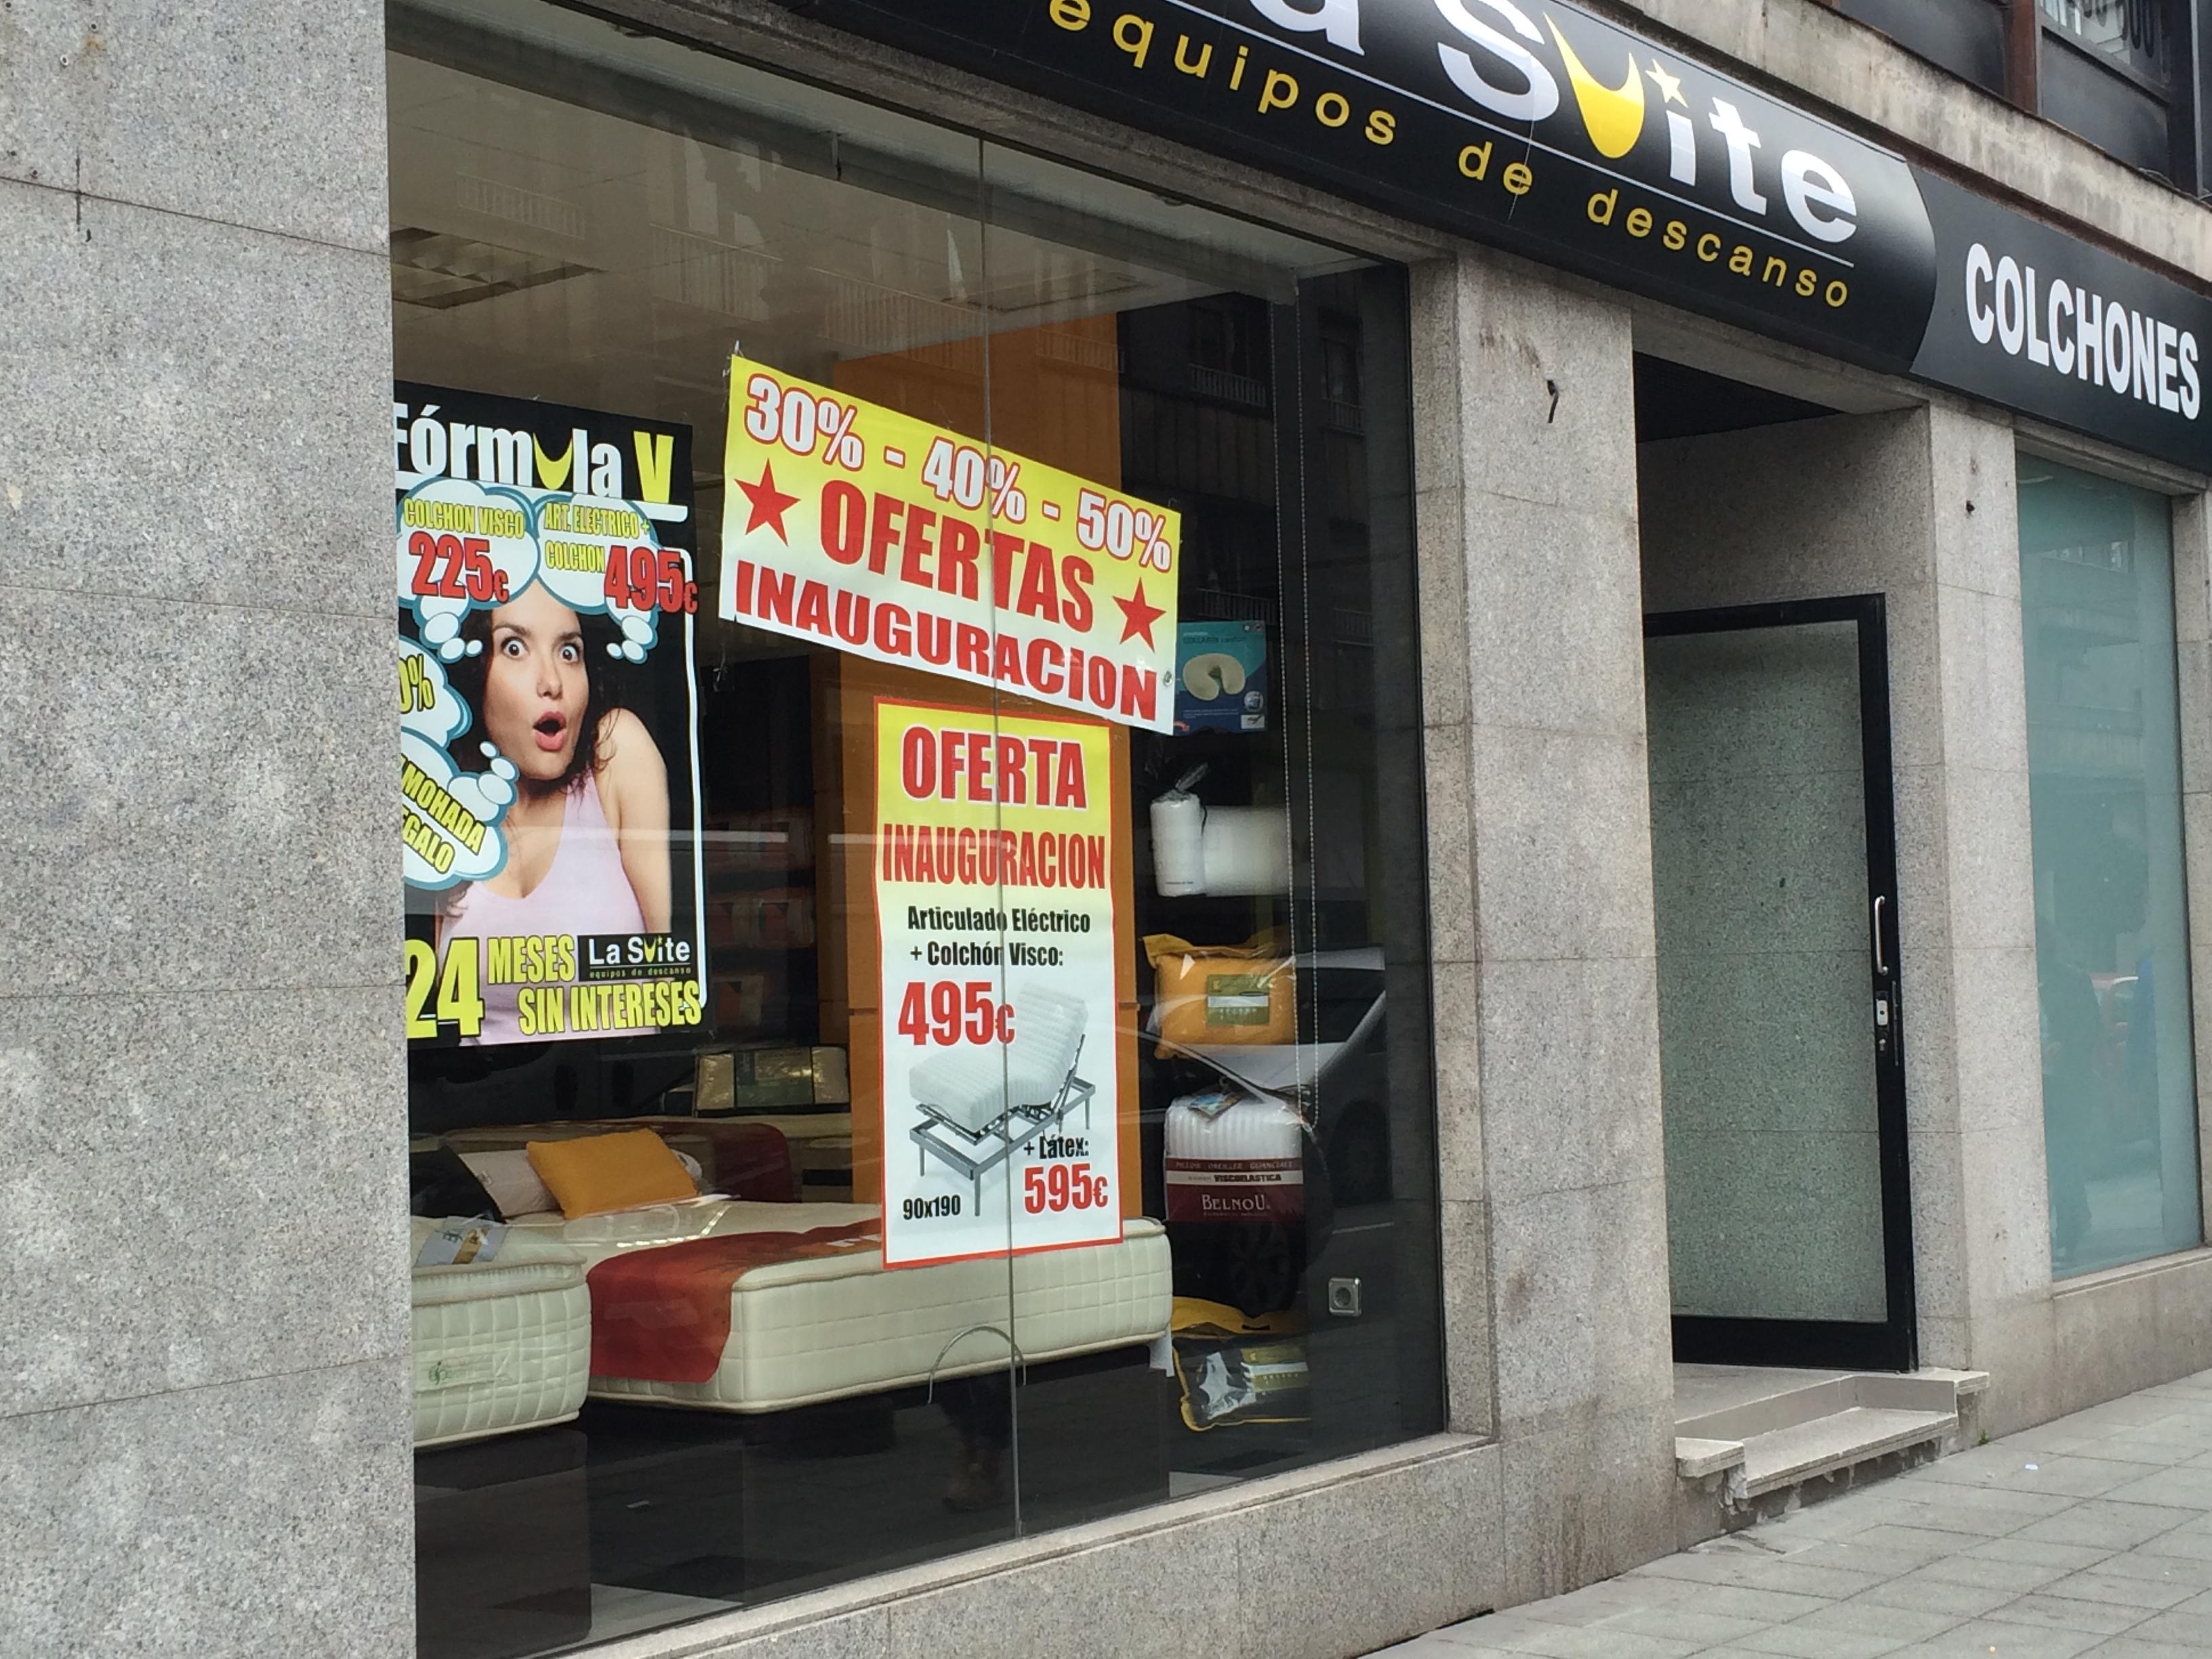 La Suite Gijón